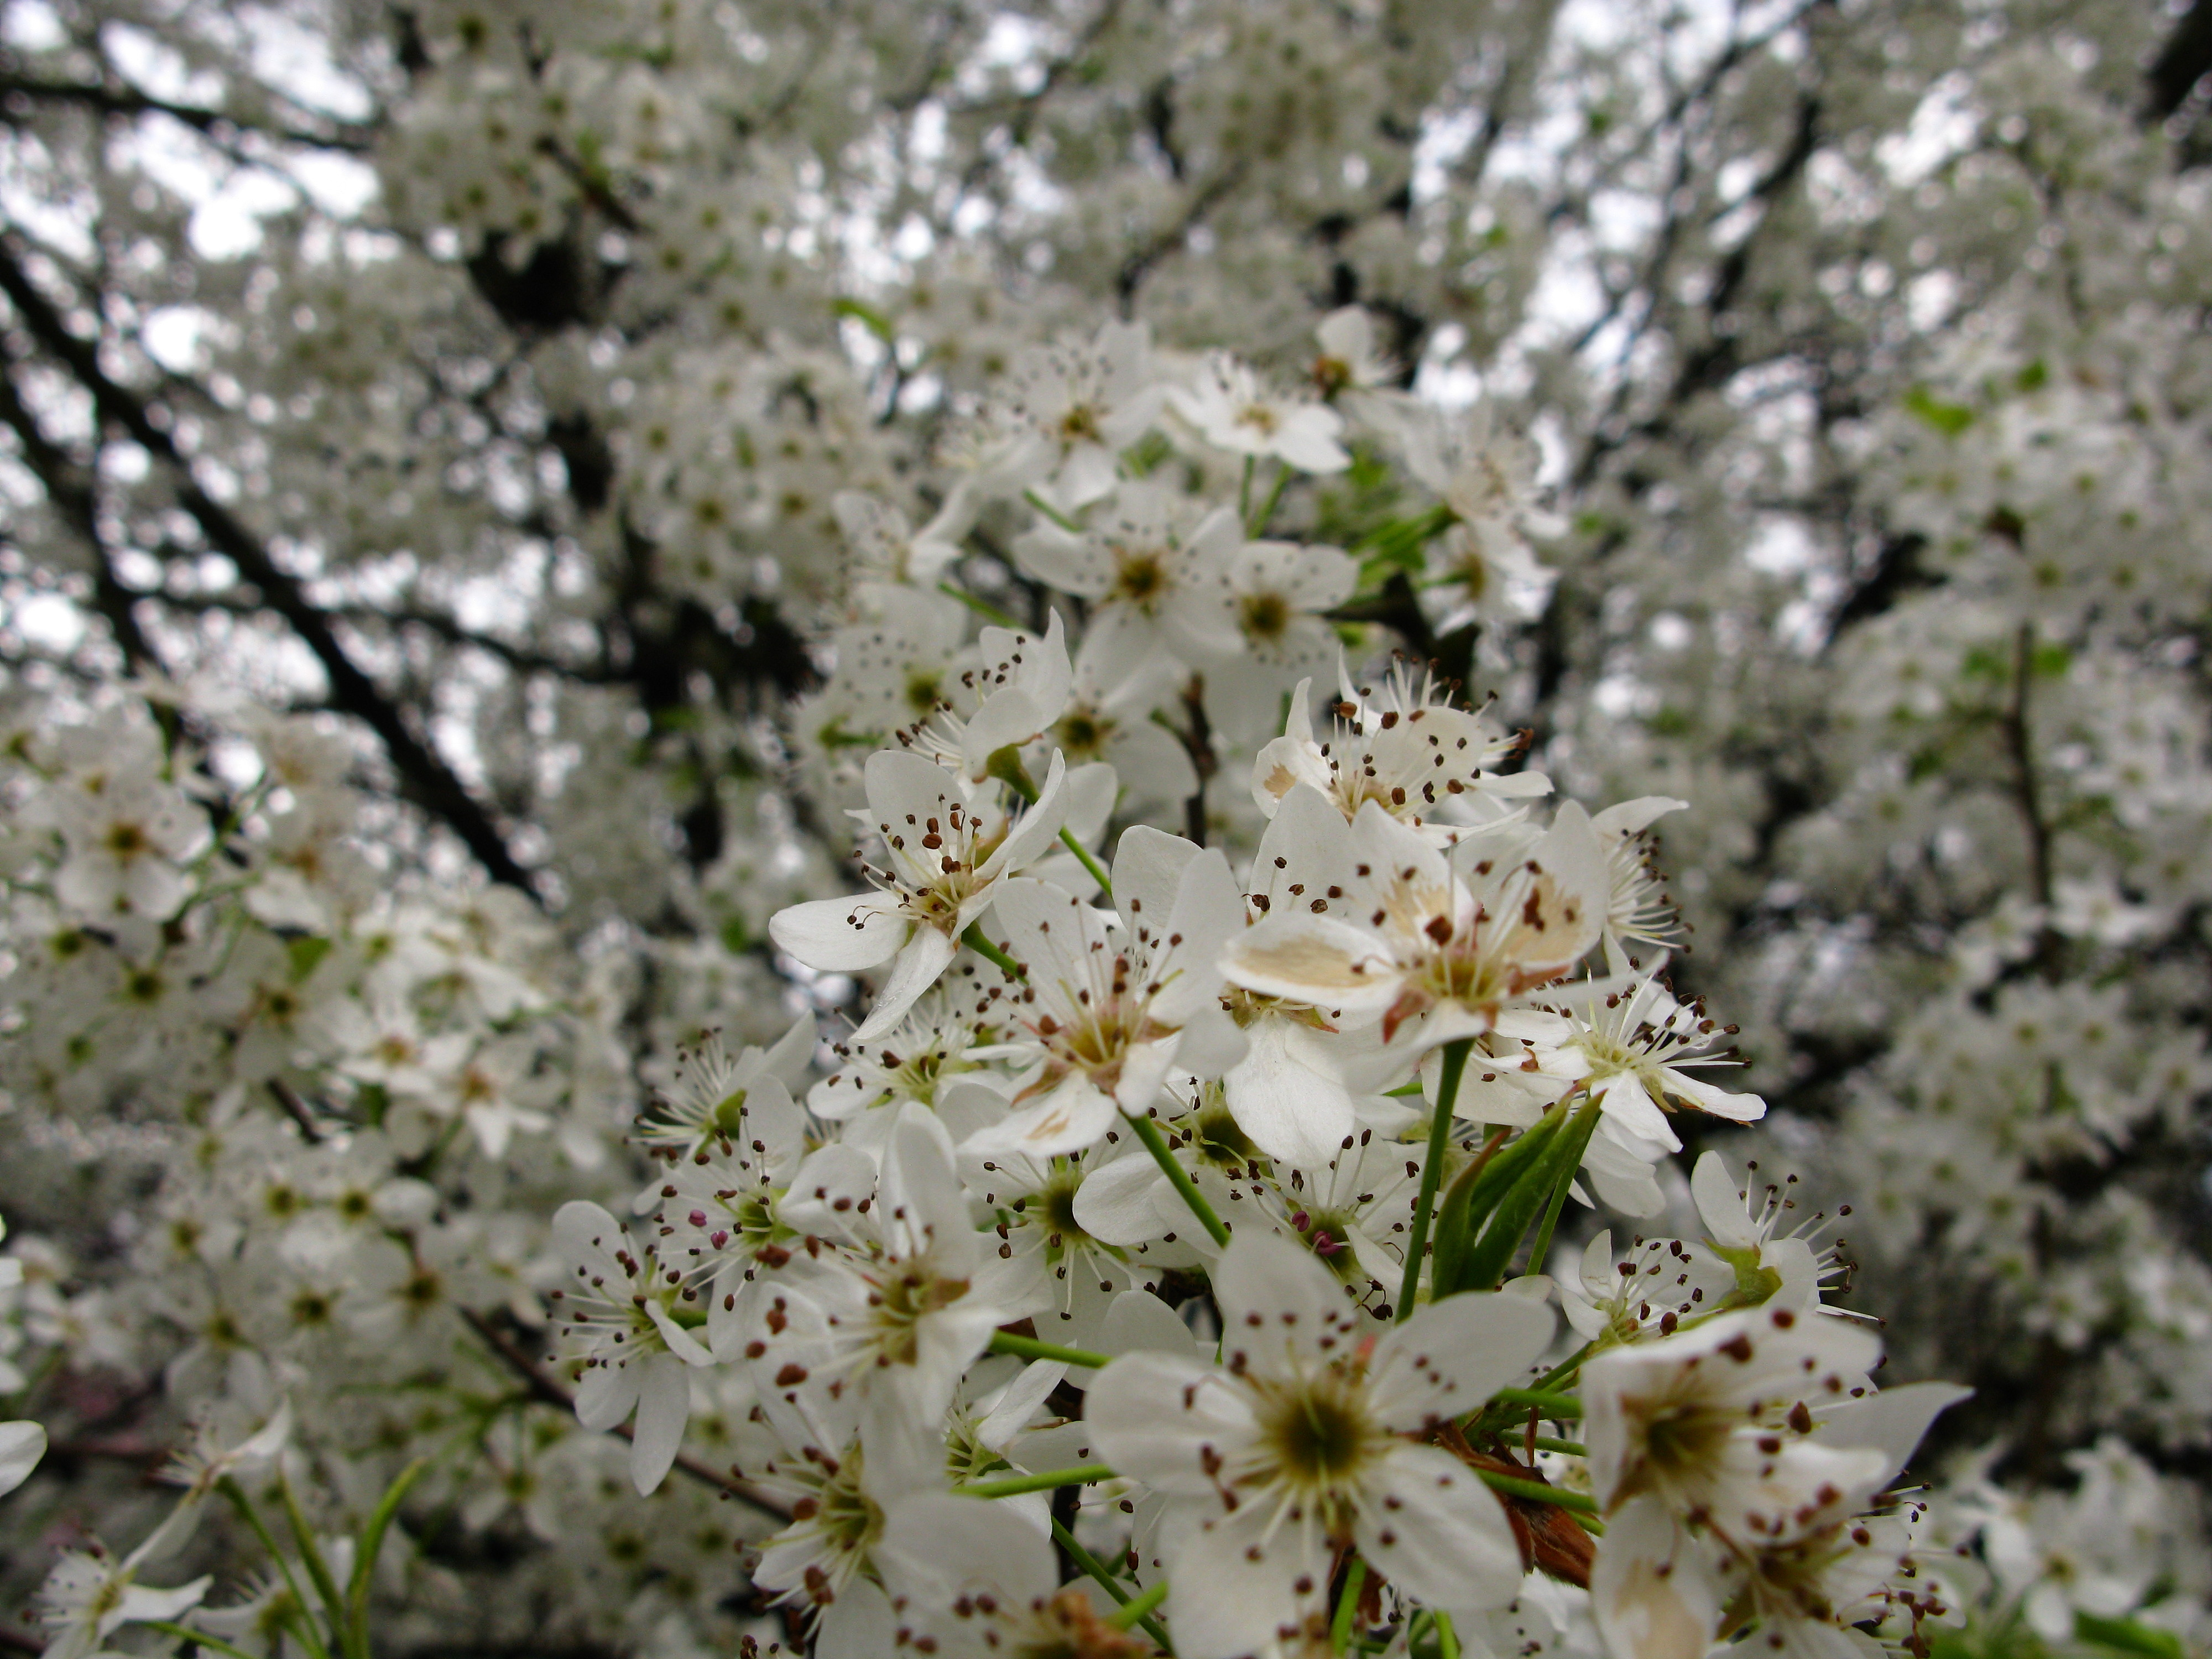 Filewhite pear flowering tree west virginia forestwanderg filewhite pear flowering tree west virginia forestwanderg mightylinksfo